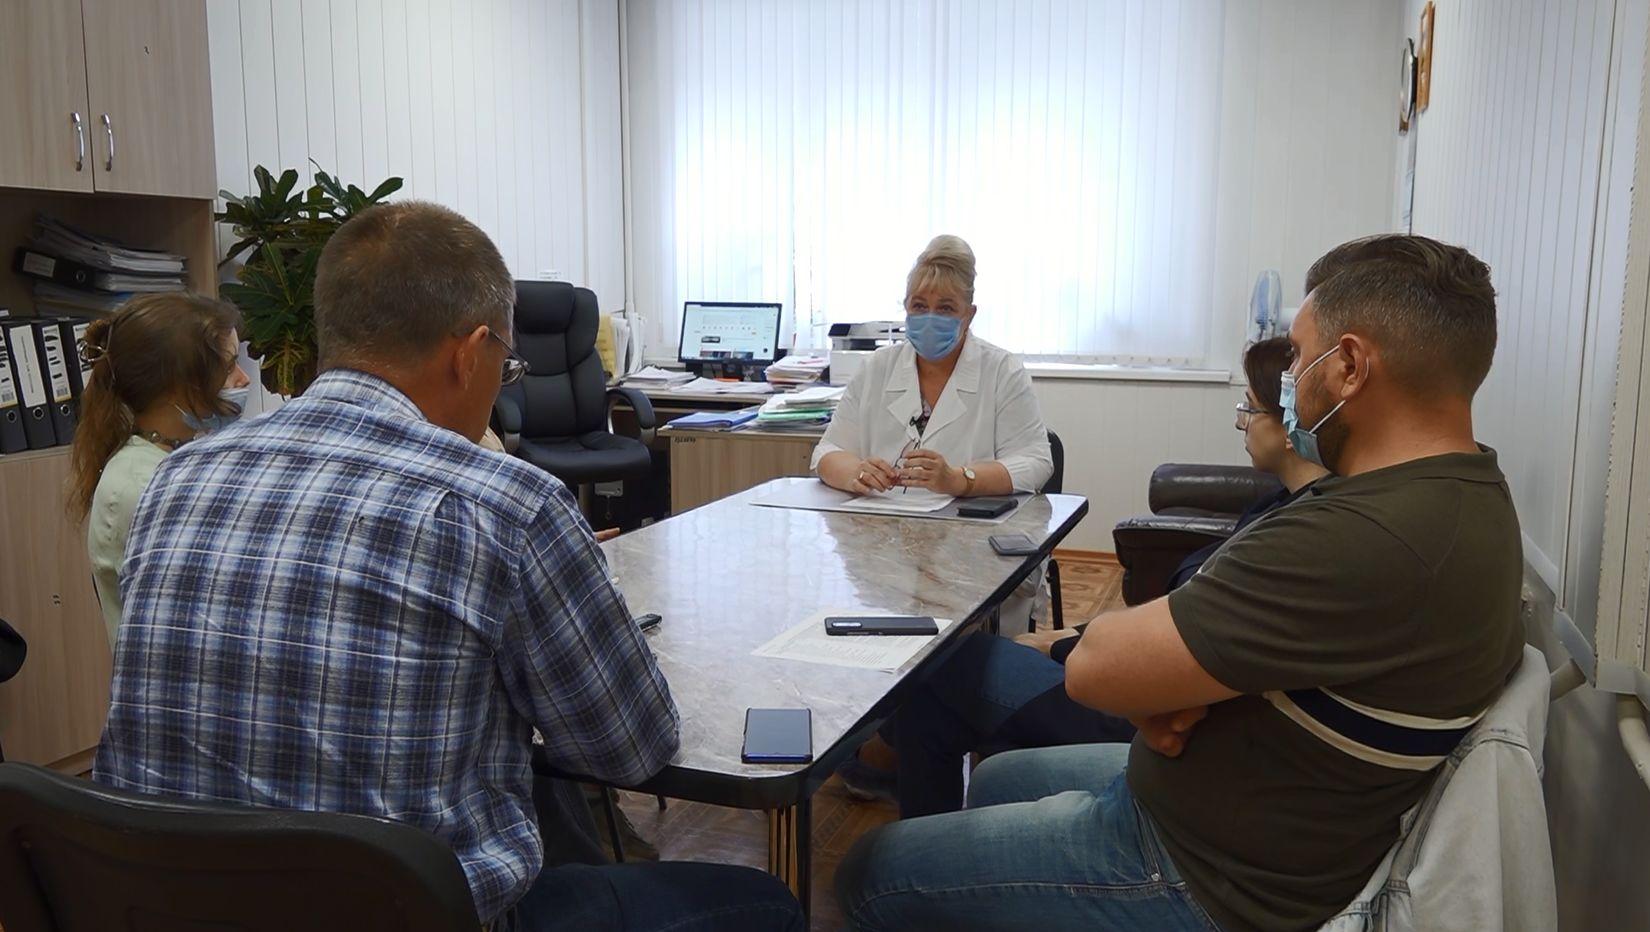 Санаторий «Колос» Костромской области будет принимать ярославцев на реабилитацию после ковида